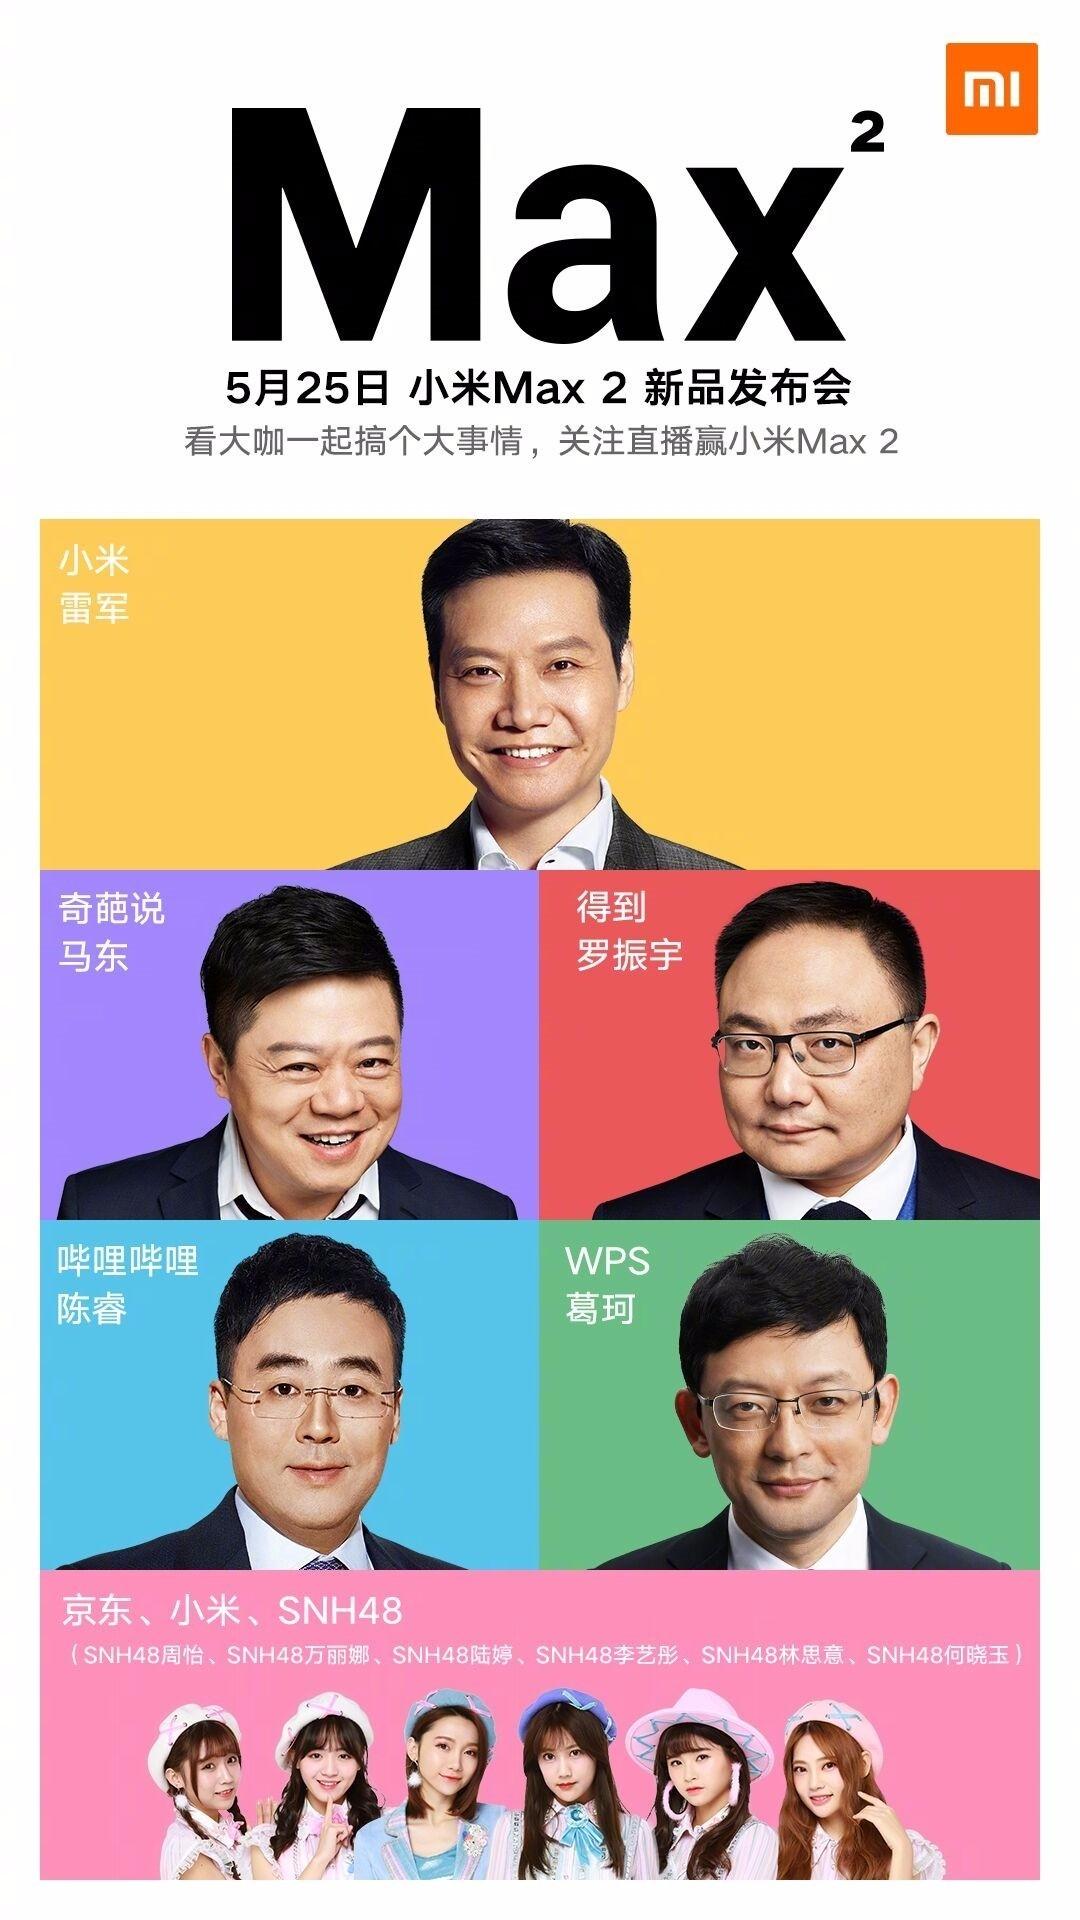 小米Max2发布会定档5月25日 雷军马东一起搞事情?的照片 - 2